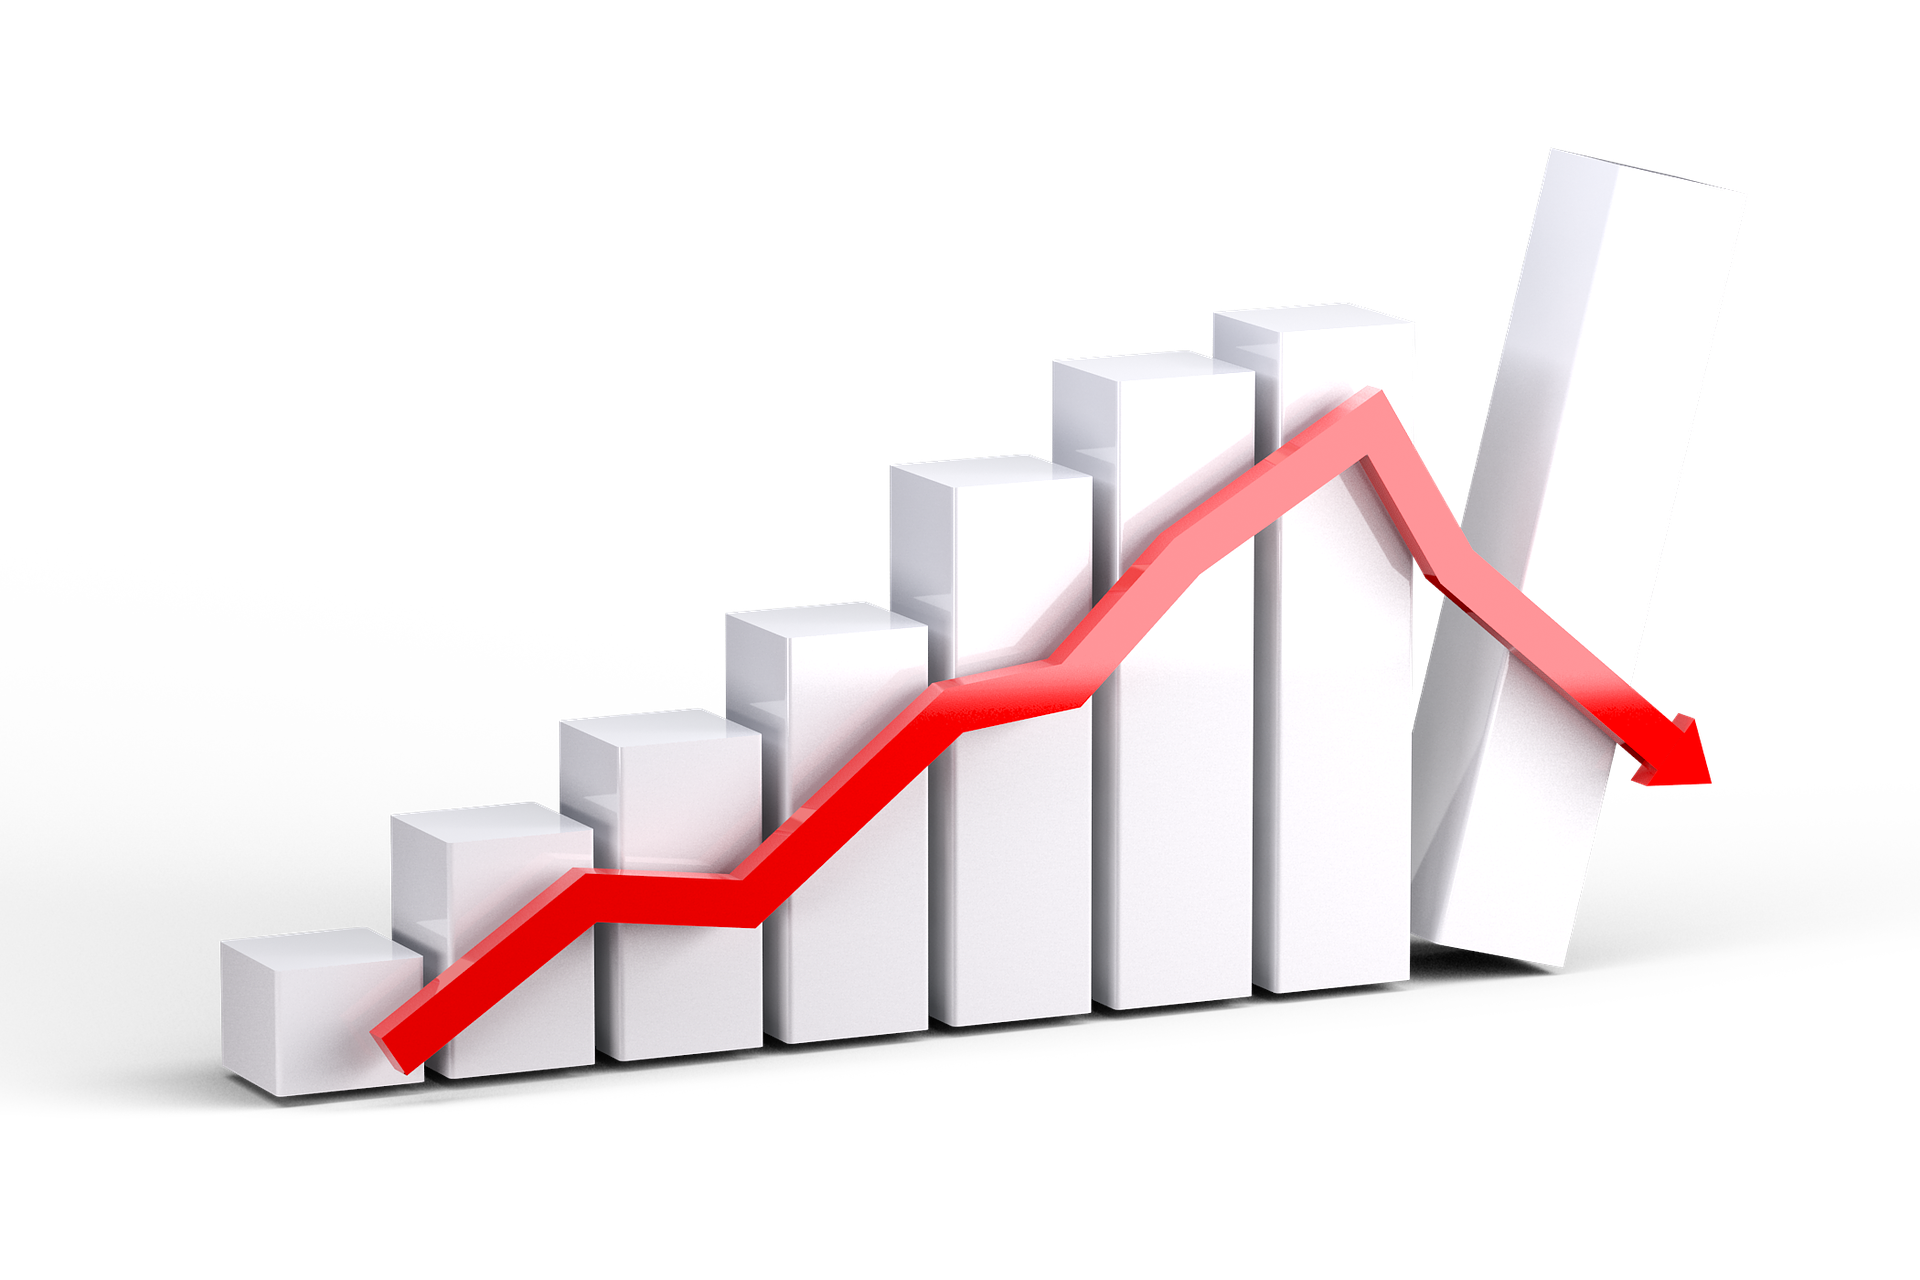 Deutsche Industrie schrumpft erneut